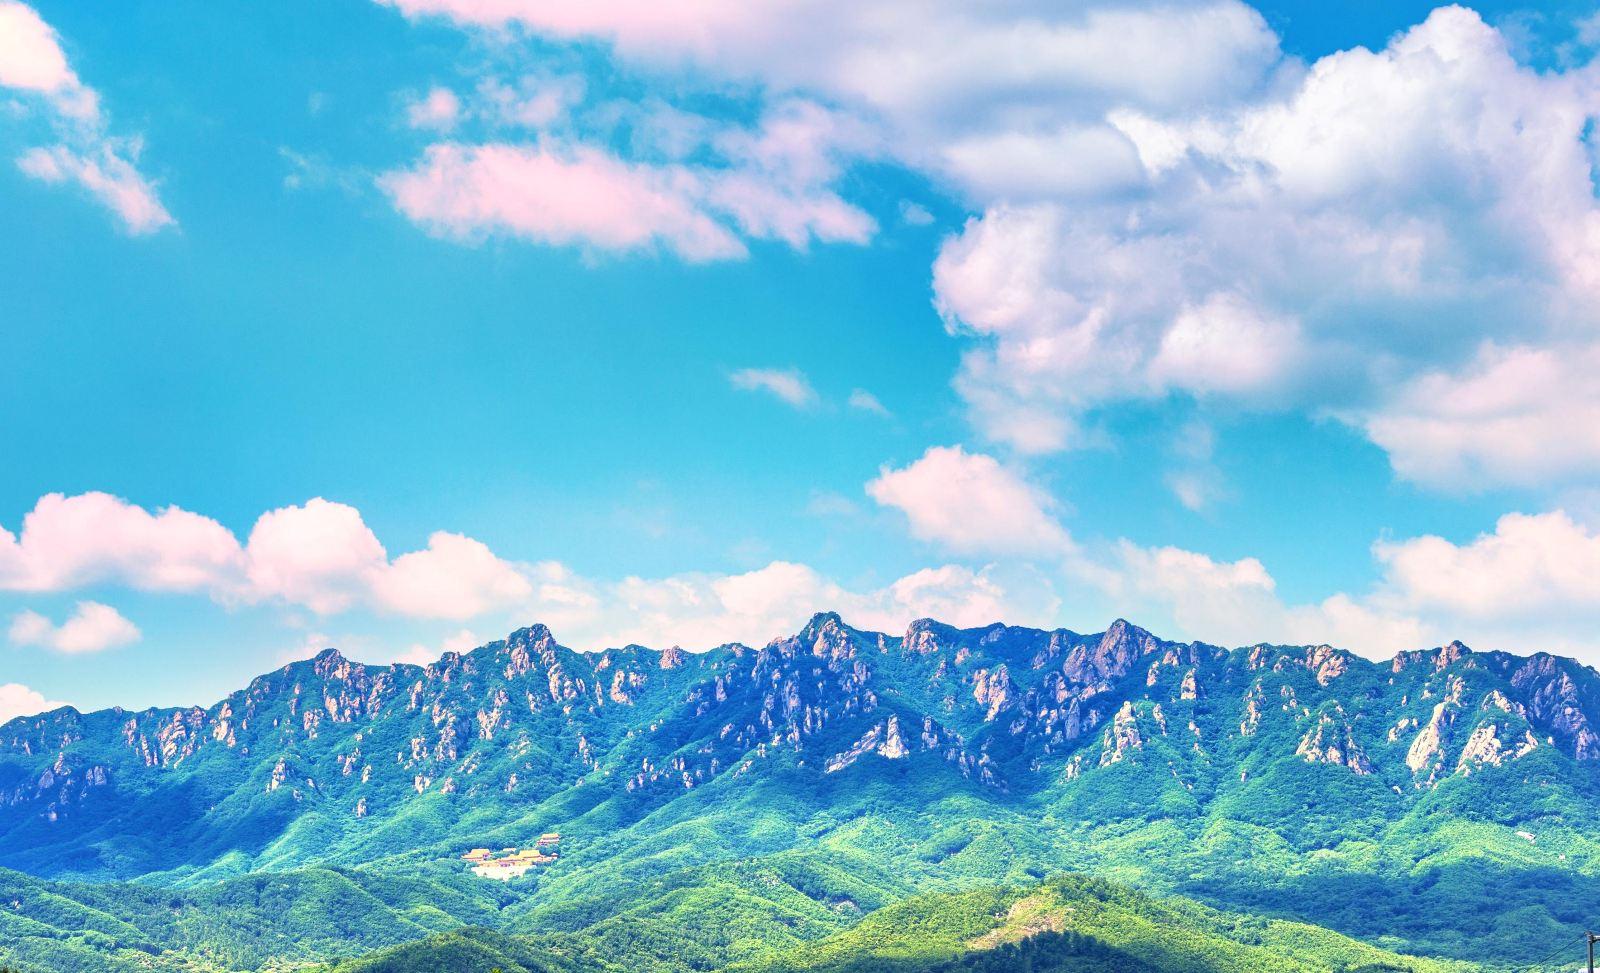 【丹东】五龙山